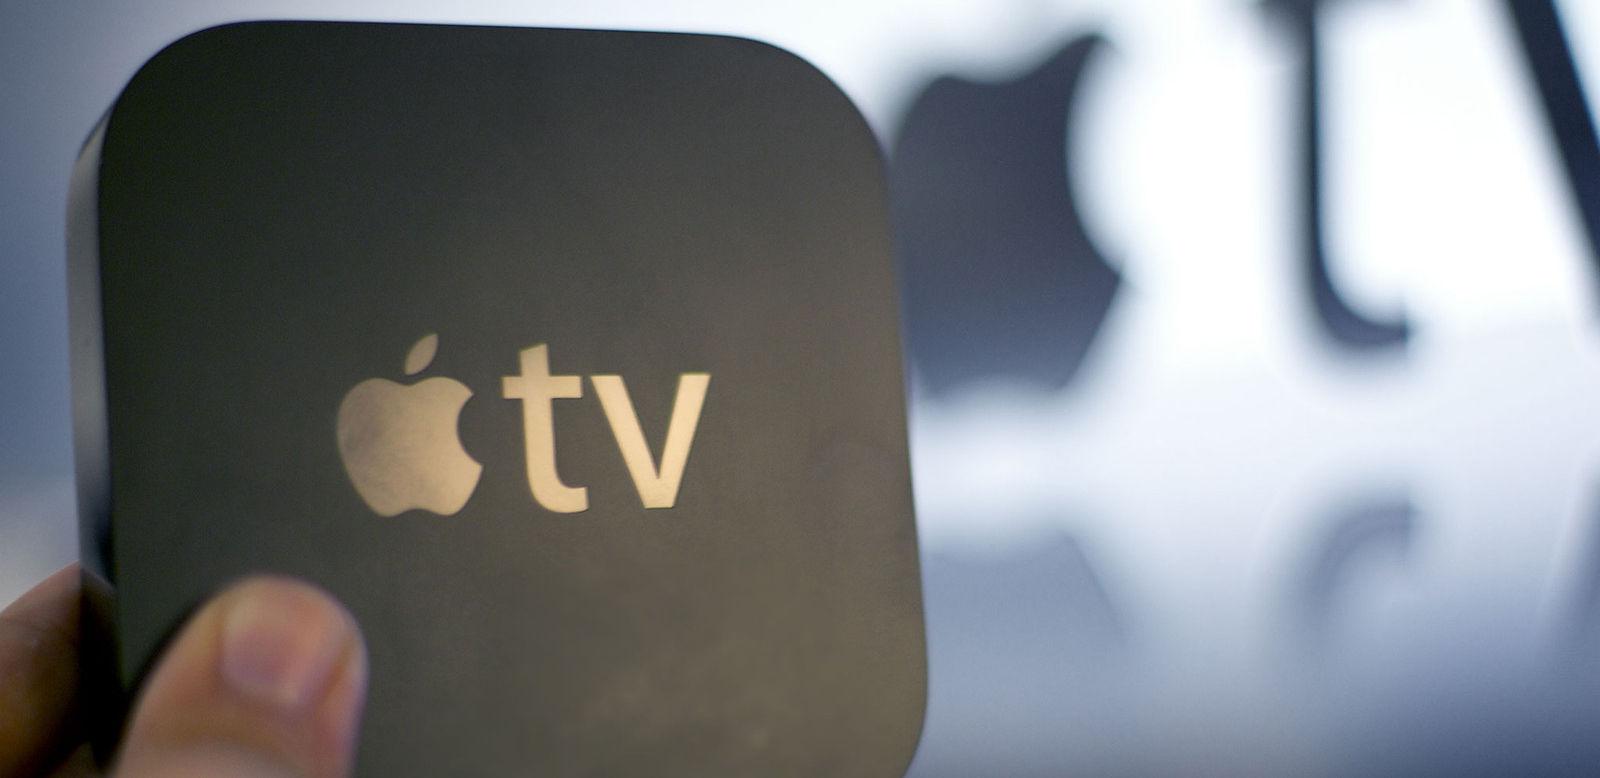 传苹果将在 6 月发布新款 Apple TV 和 iPad Pro| 极客早知道 2015 年 3 月 23 日